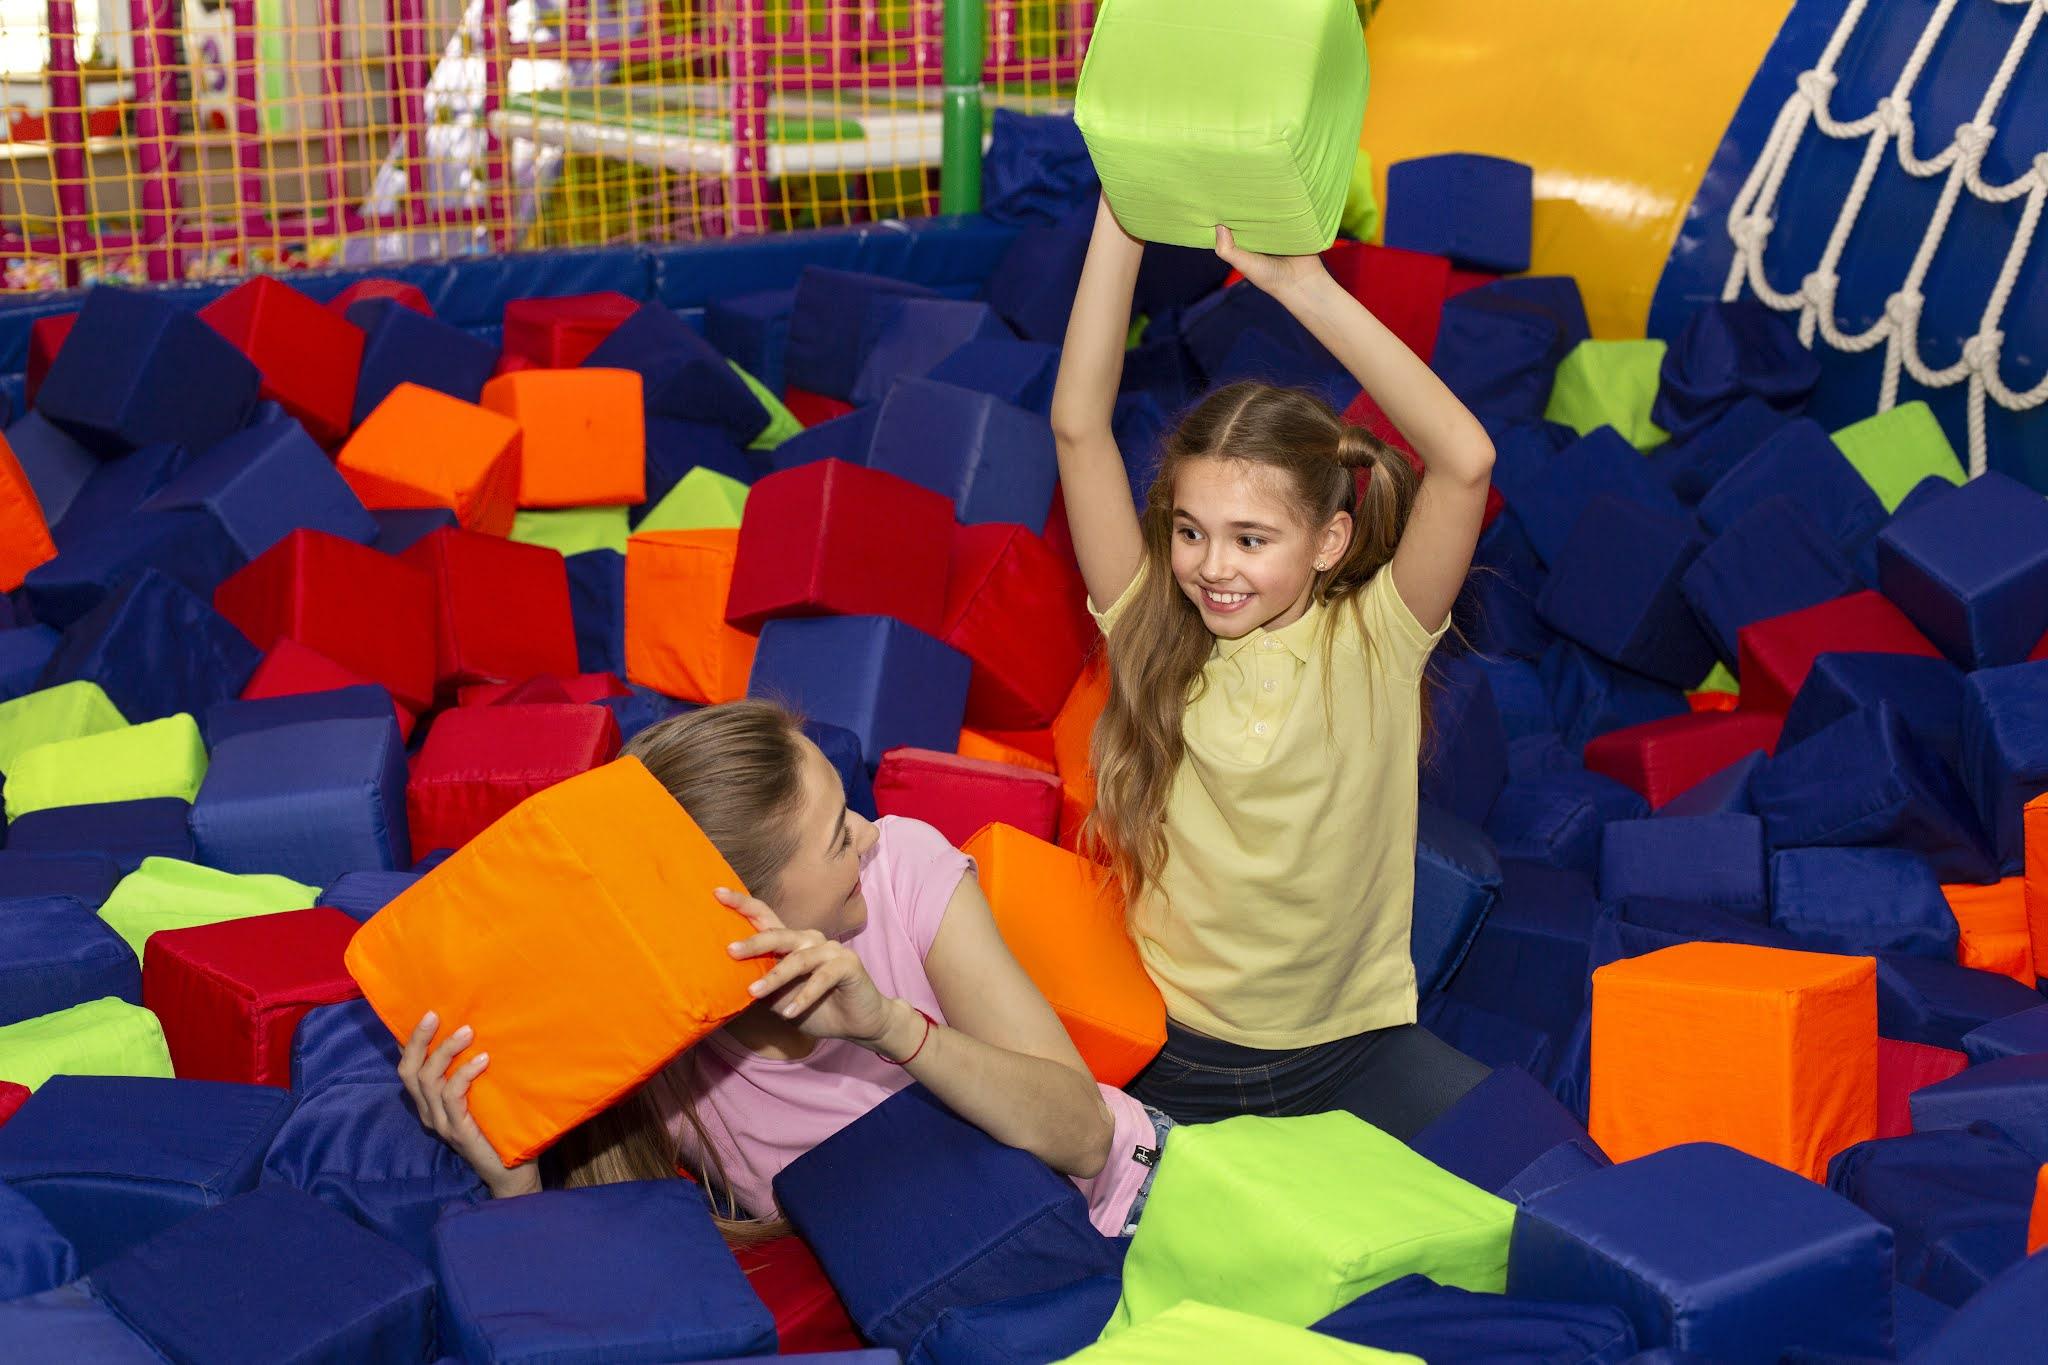 مفاجآت صيف دبي تقدم أنشطة متنوعة من الفعاليات الترفيهية للأطفال